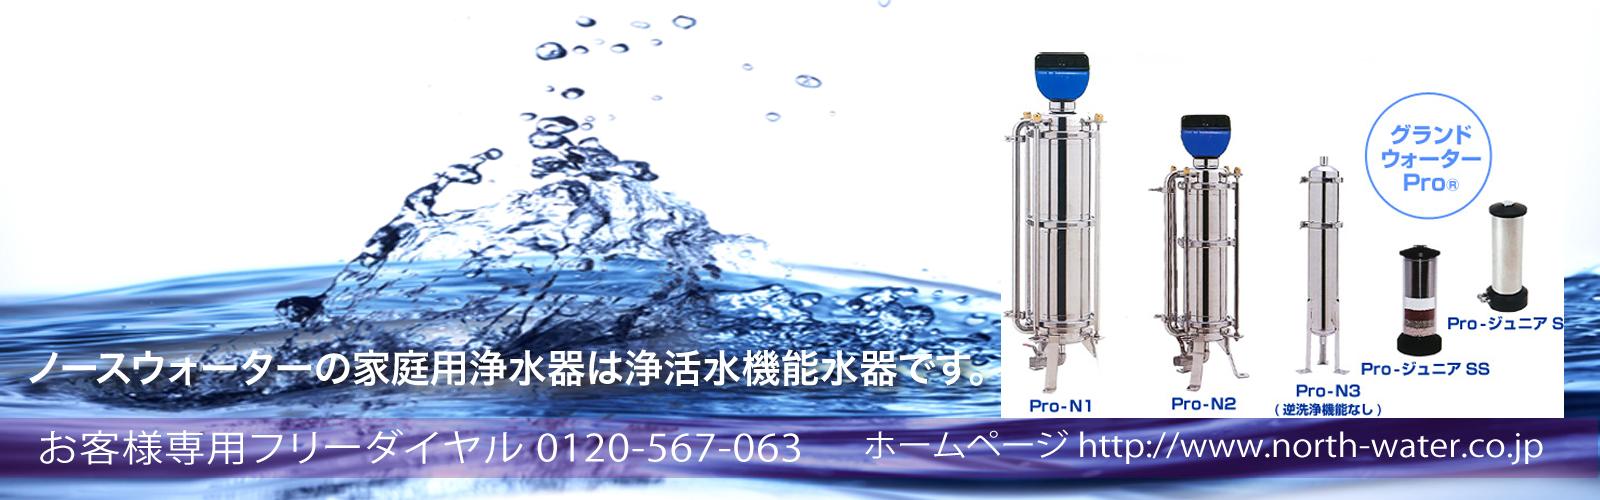 家庭用浄水器|ノース・ウォーター株式会社